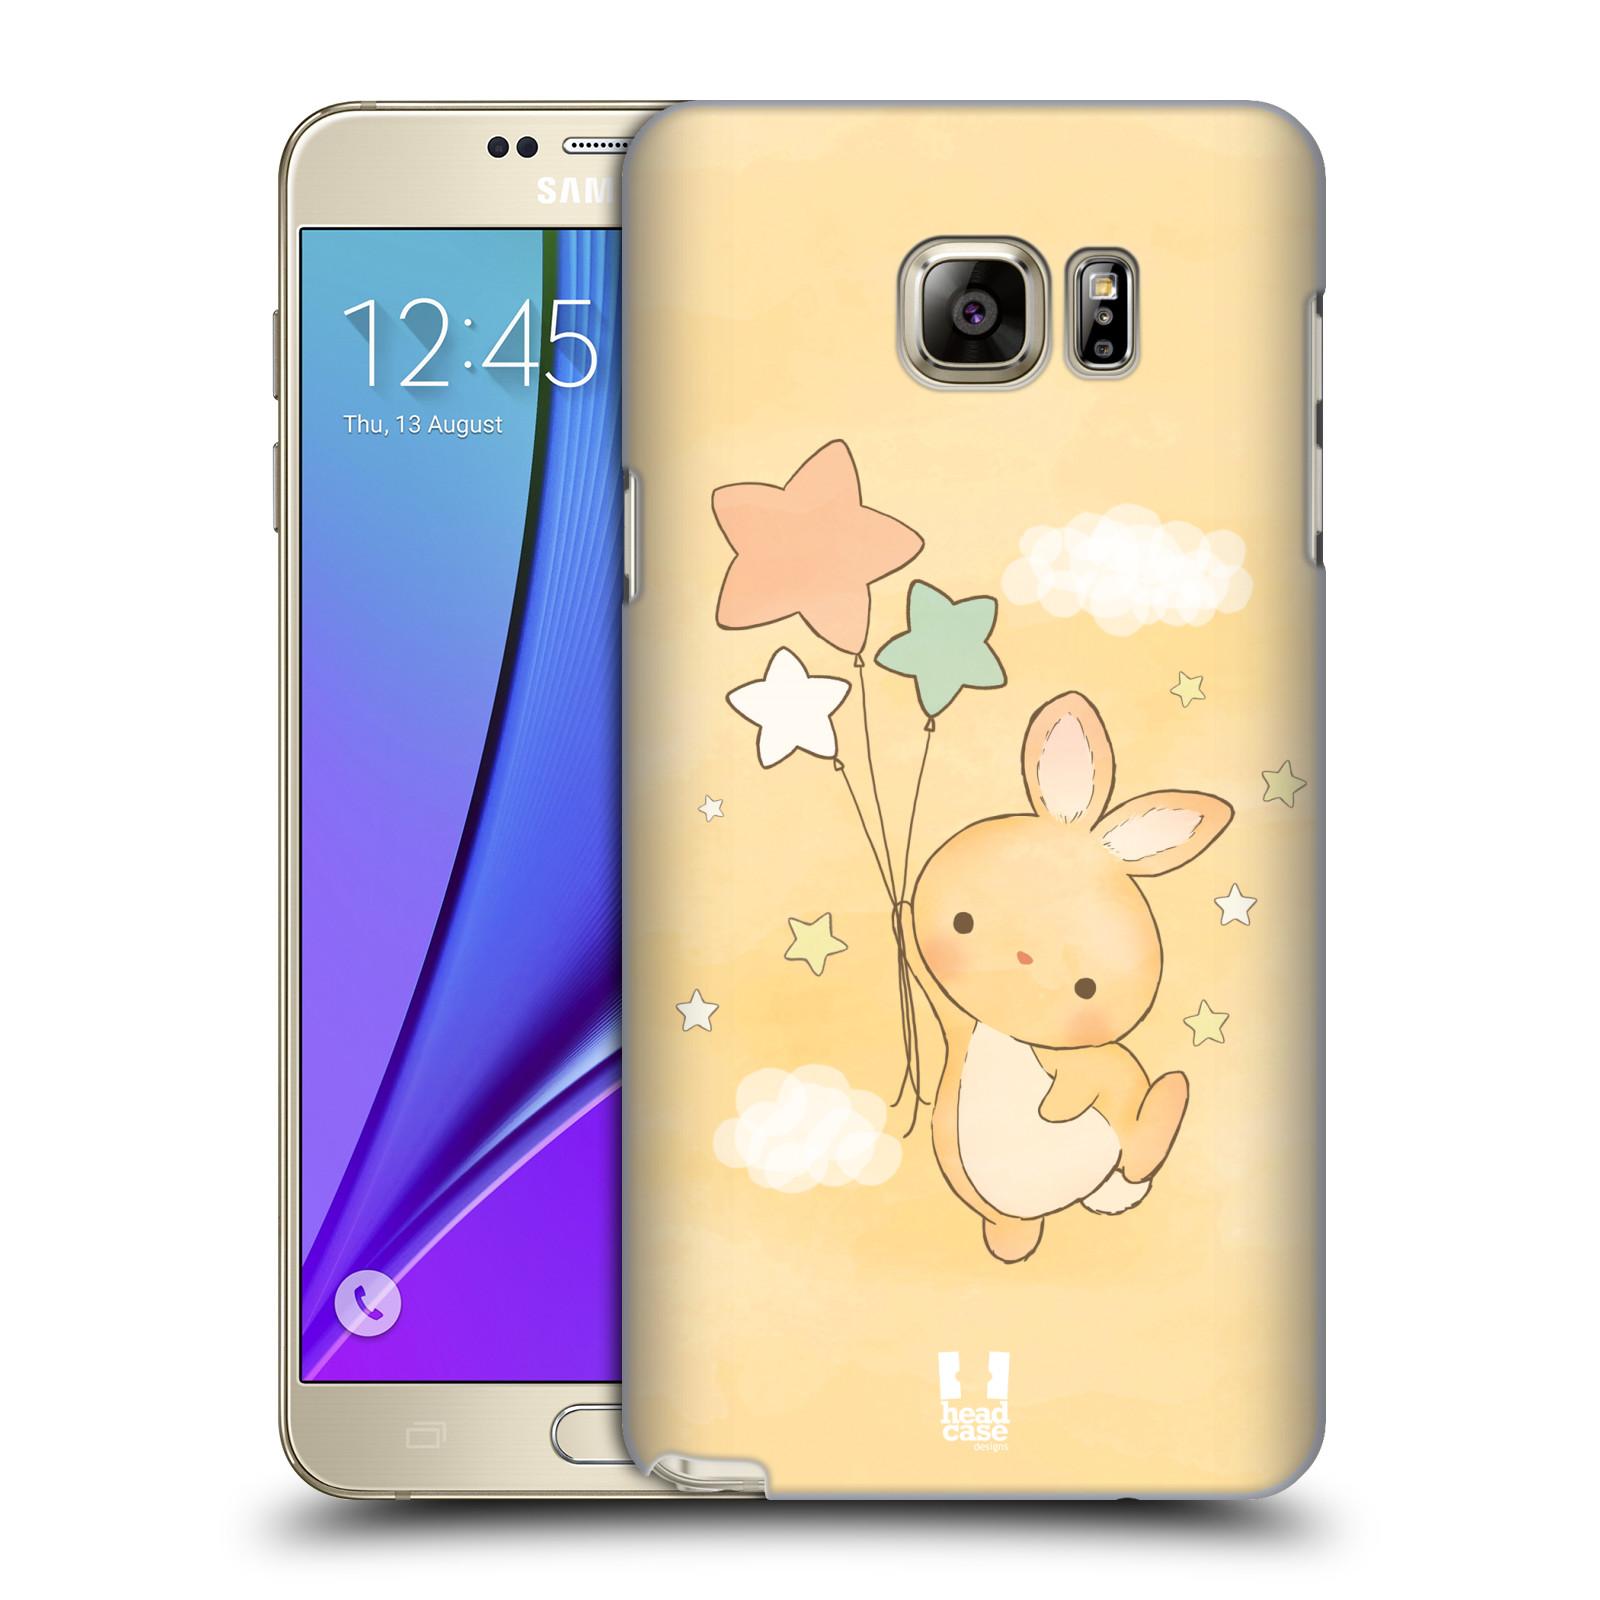 HEAD CASE plastový obal na mobil SAMSUNG Galaxy Note 5 (N920) vzor králíček a hvězdy žlutá